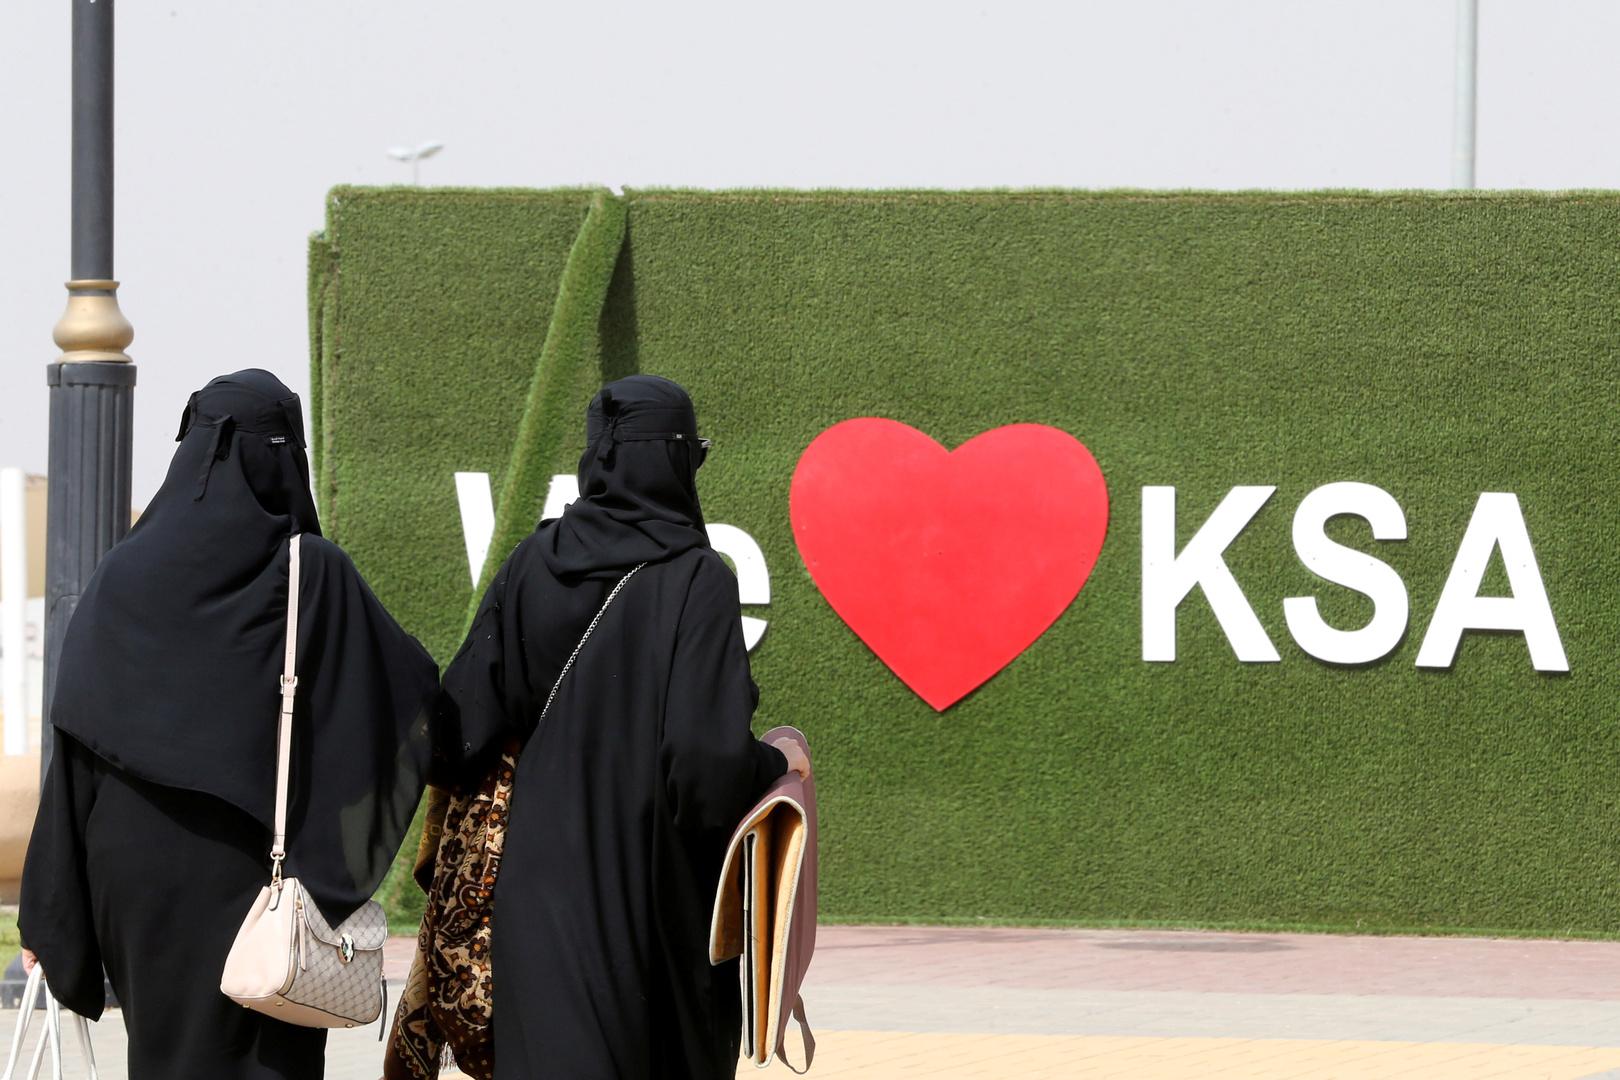 السعودية ... رجل يقترض من زوجته ليتزوج ثانية .. !!